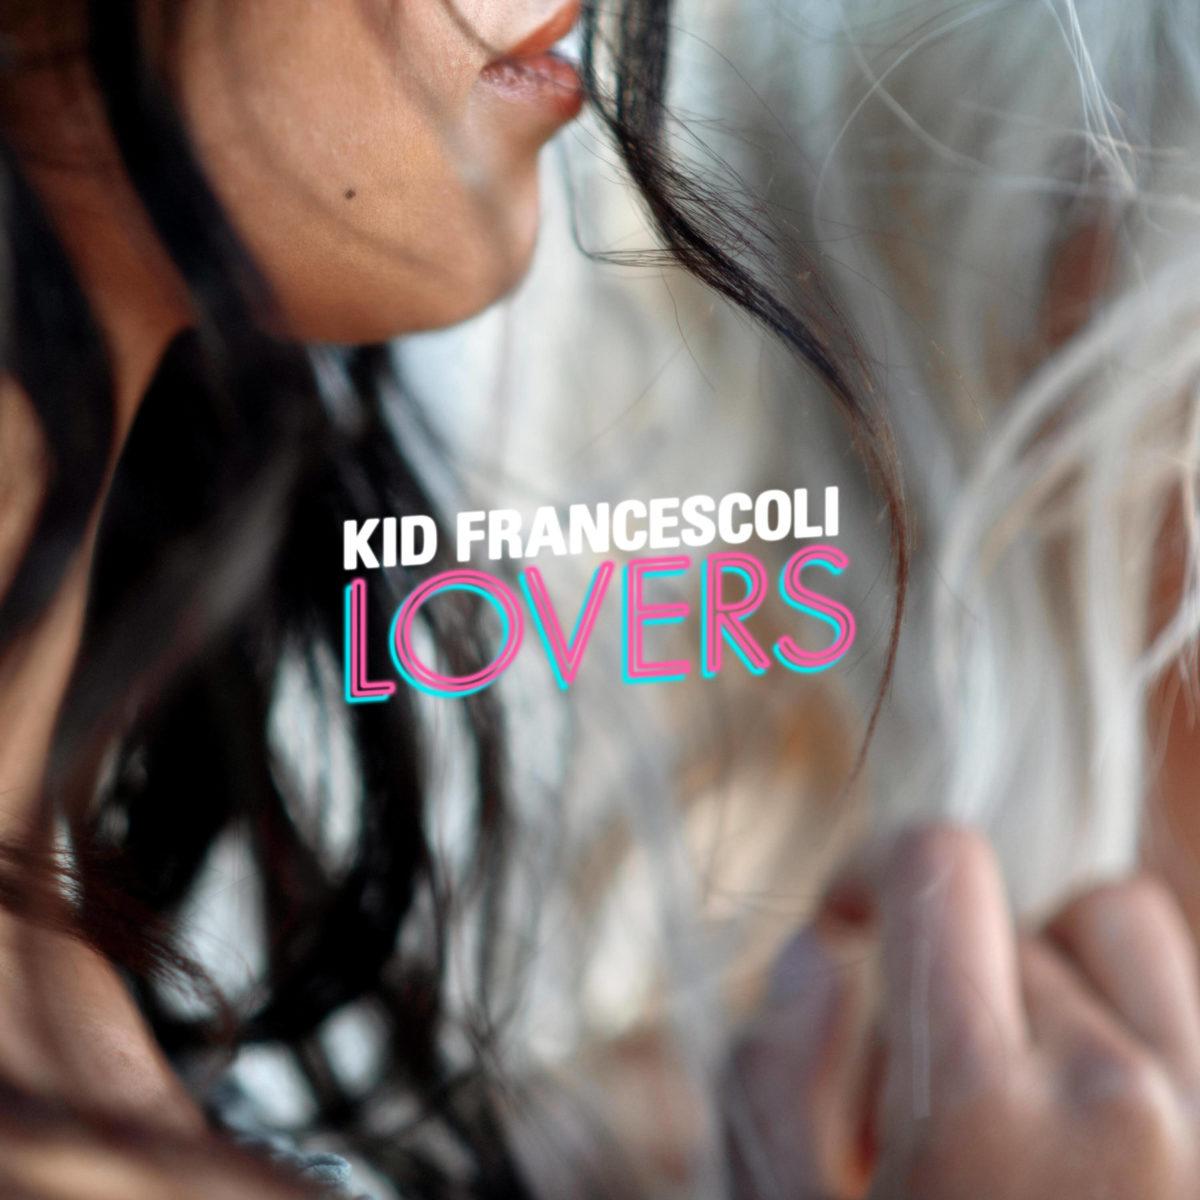 Kid Francescoli Lovers Album Cover Art